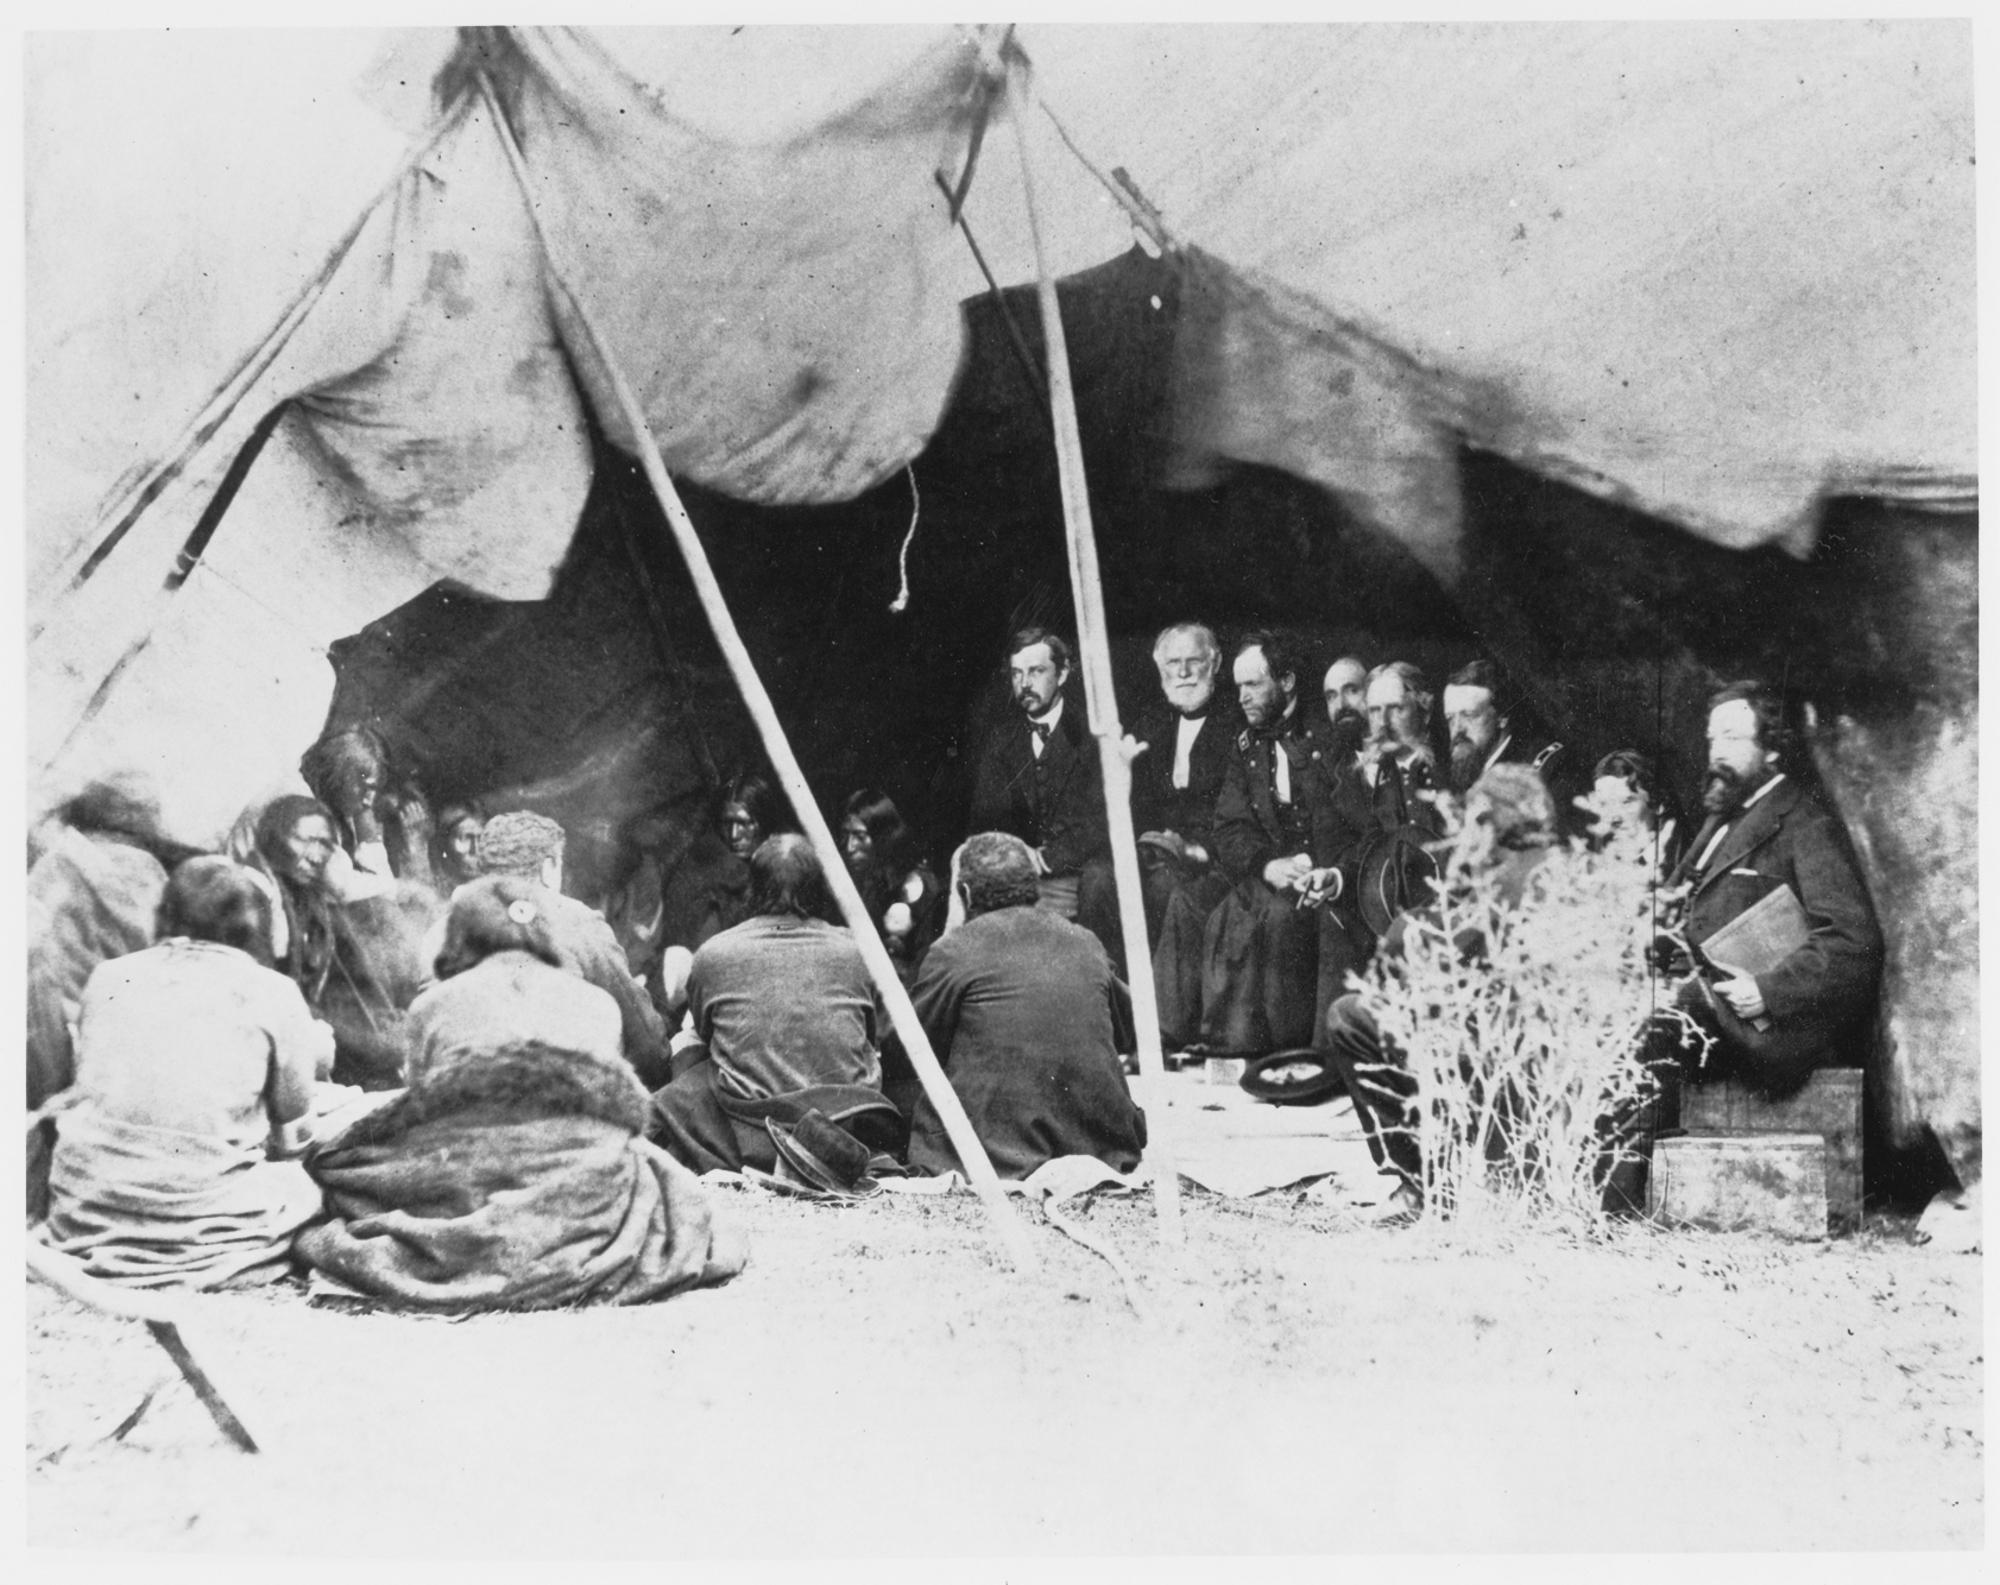 Negocjacje pokoju, który miał zakończyć wojnę Czerwonej Chmury. Przedstawiciele rządu USA podczas rozmów z Siuksami w 1867 r. (fot. materiały prasowe)